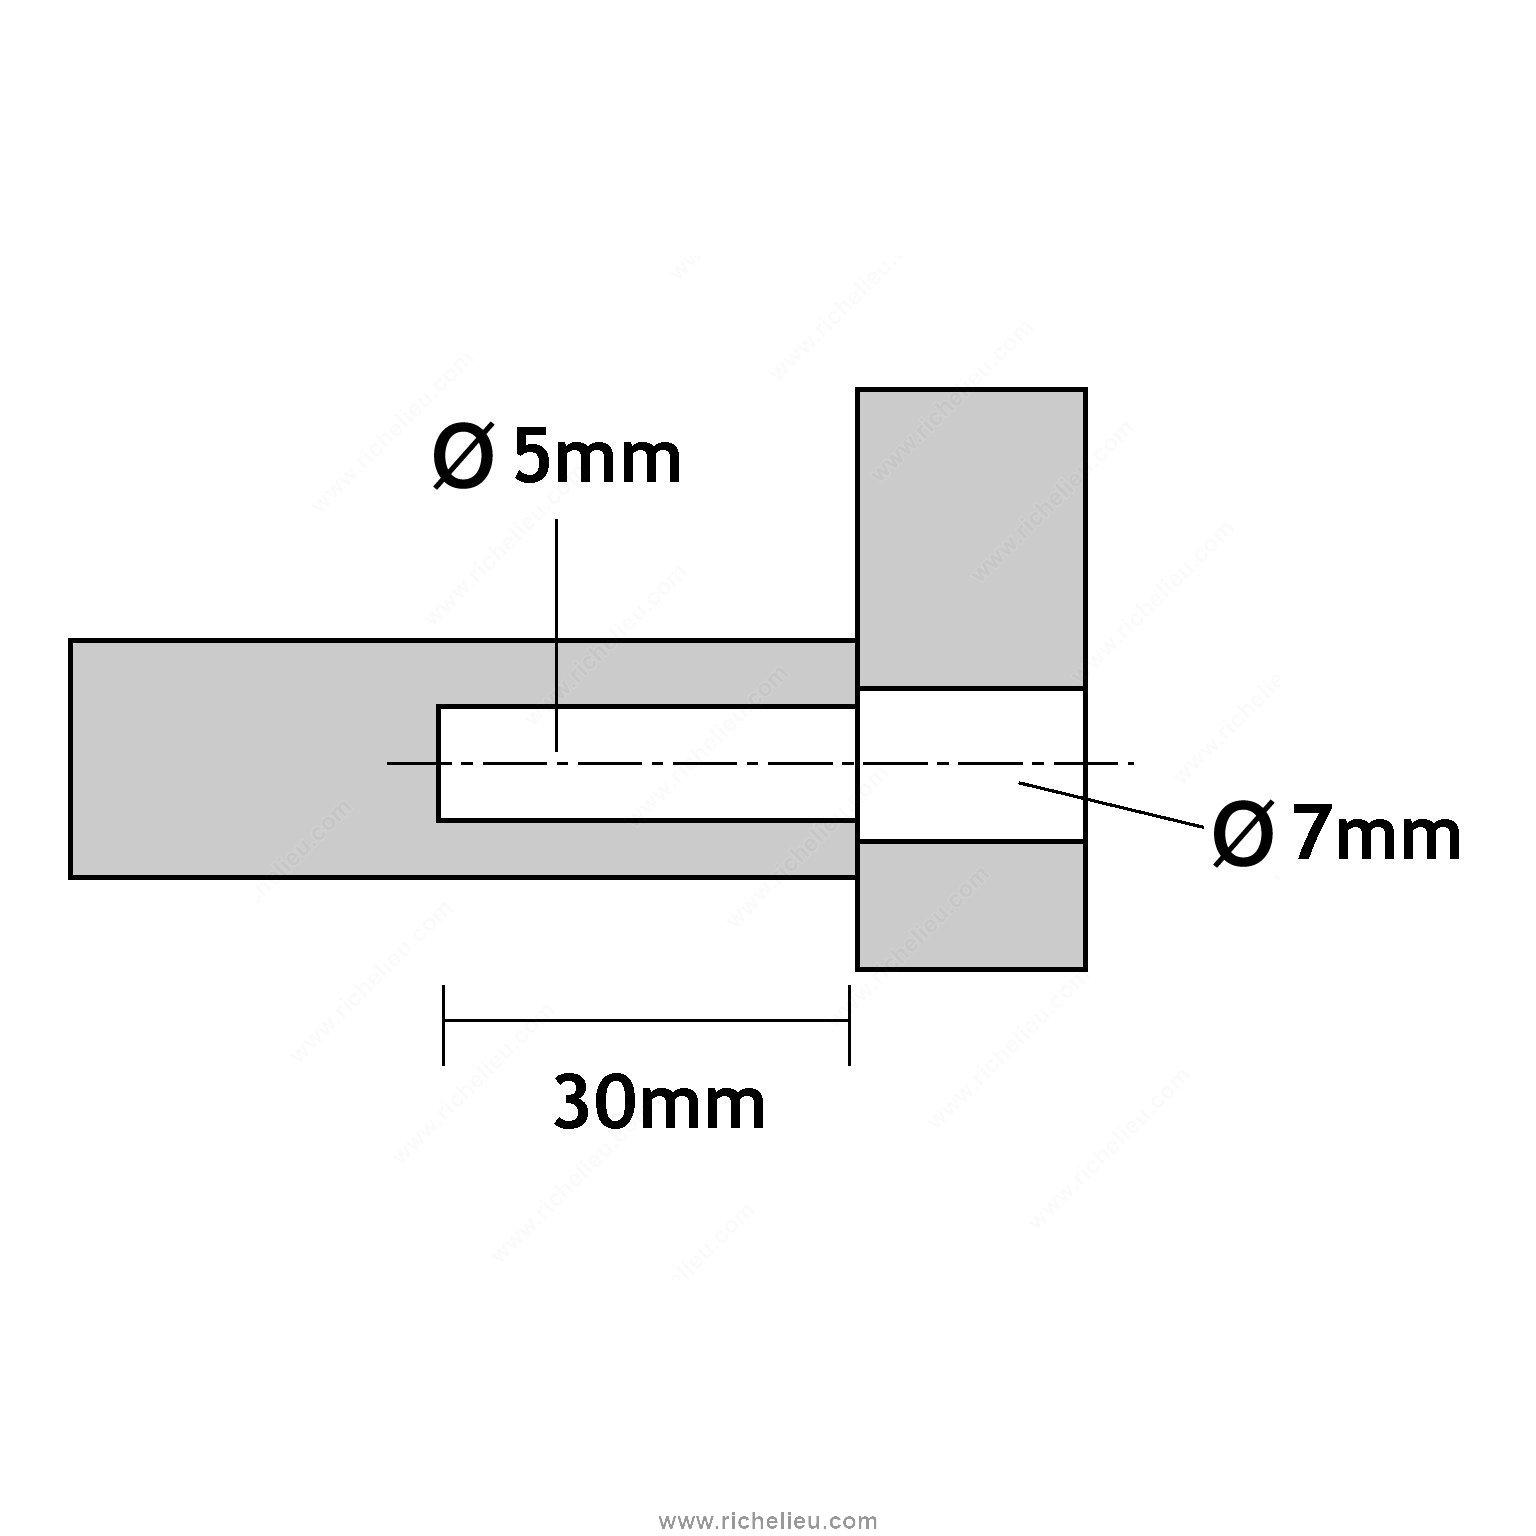 vis d 39 assemblage double verrouillage t te confirmat. Black Bedroom Furniture Sets. Home Design Ideas